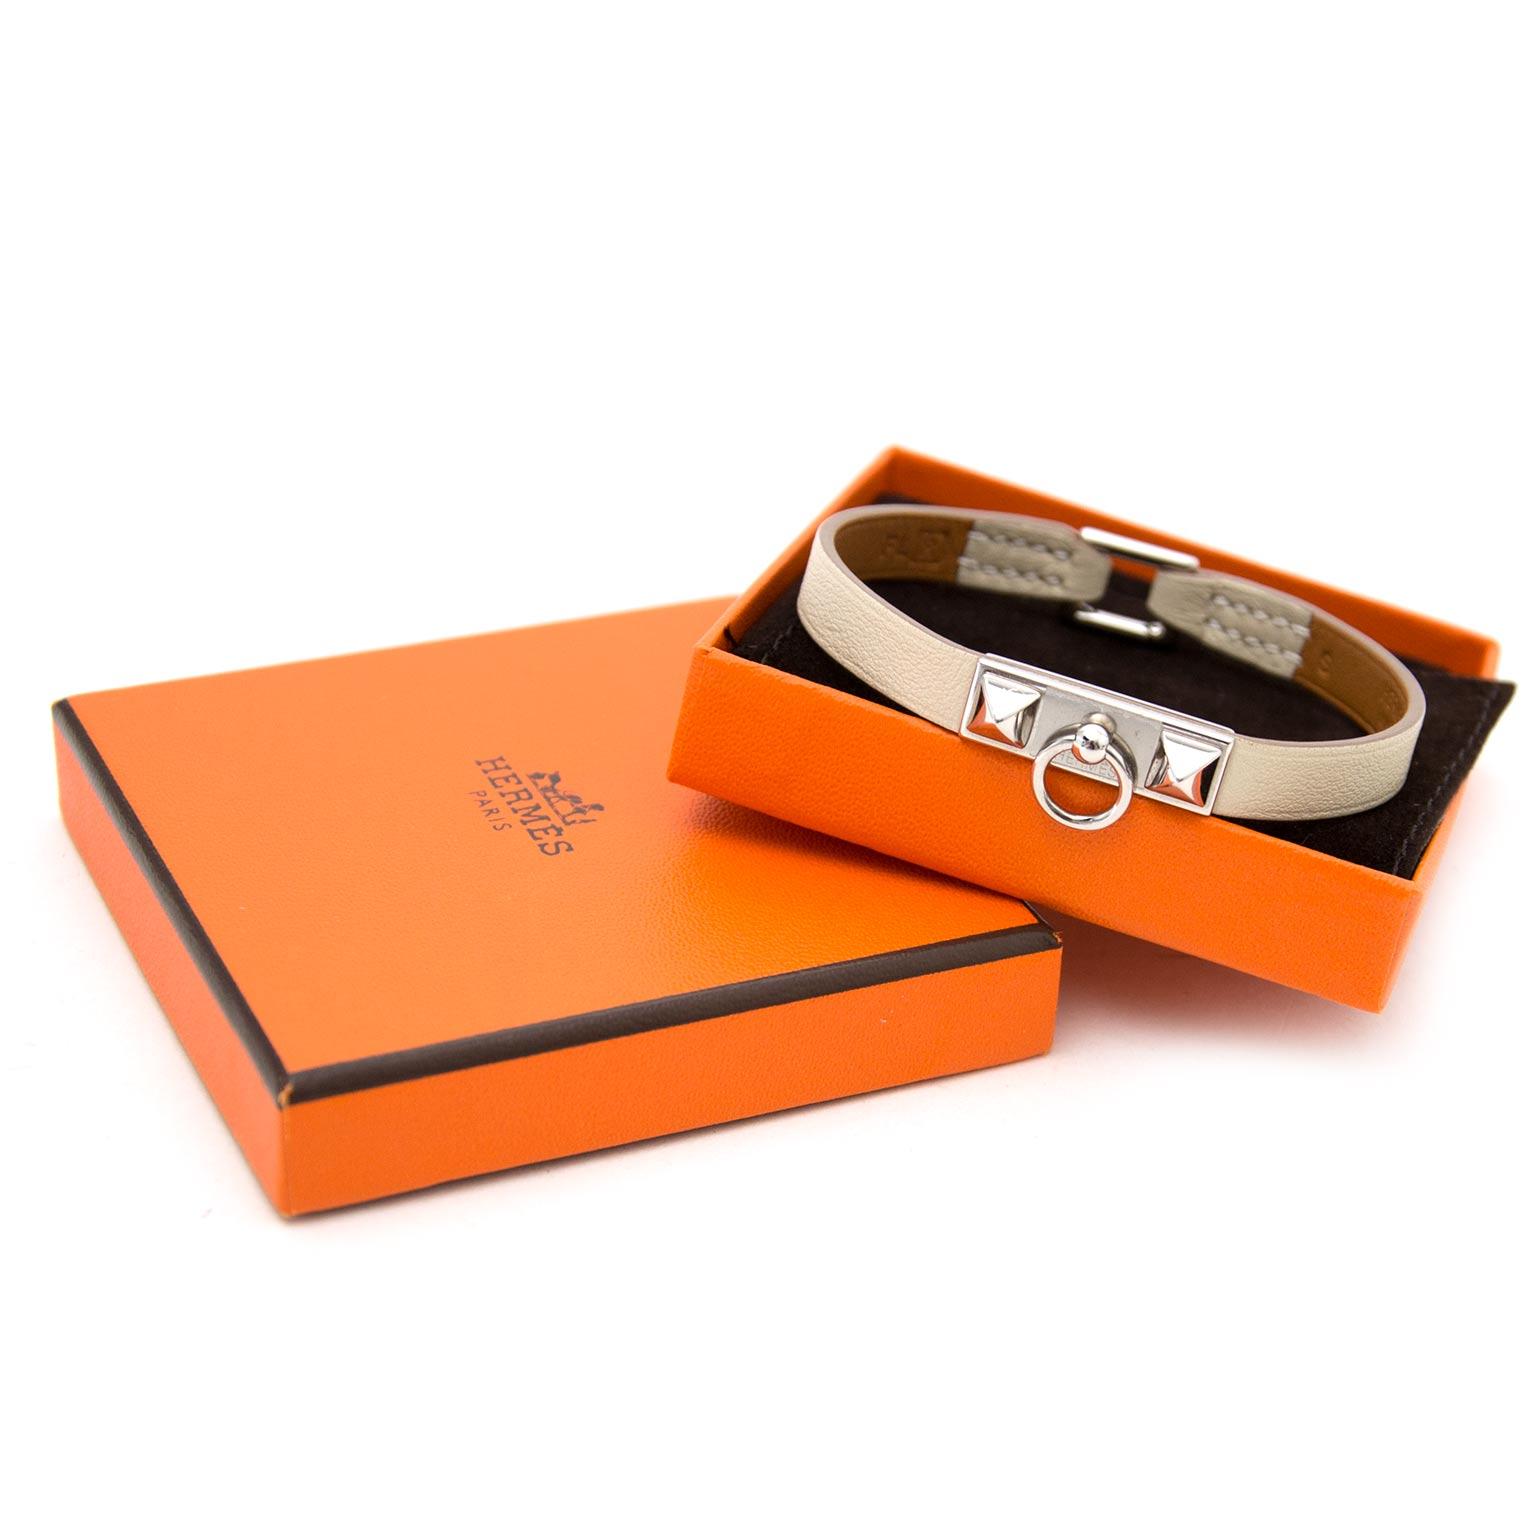 Koop en verkoop uw handtassen en accessoires op labellov.com tegen de beste prijs Hermes micro rivale bracelet